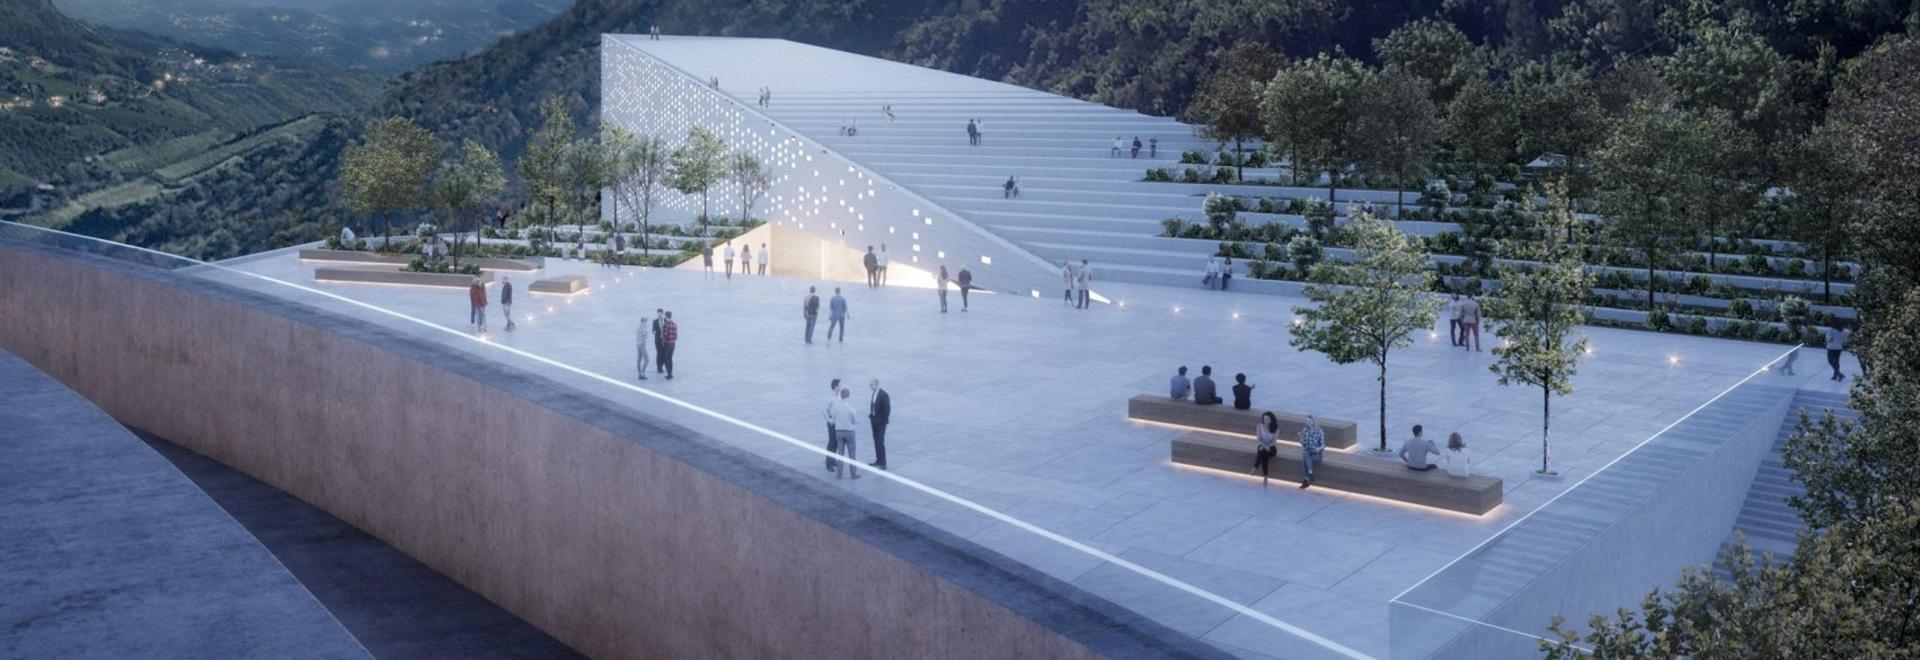 Snøhetta diseña el museo italiano de la cima de la montaña para Ötzi el Iceman